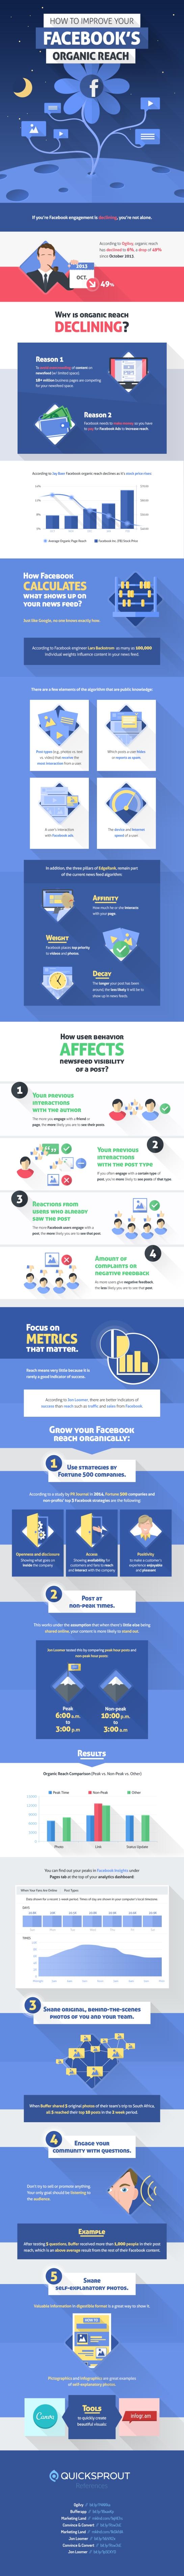 Augmentation de la portée organique Facebook - AUTOVEILLE